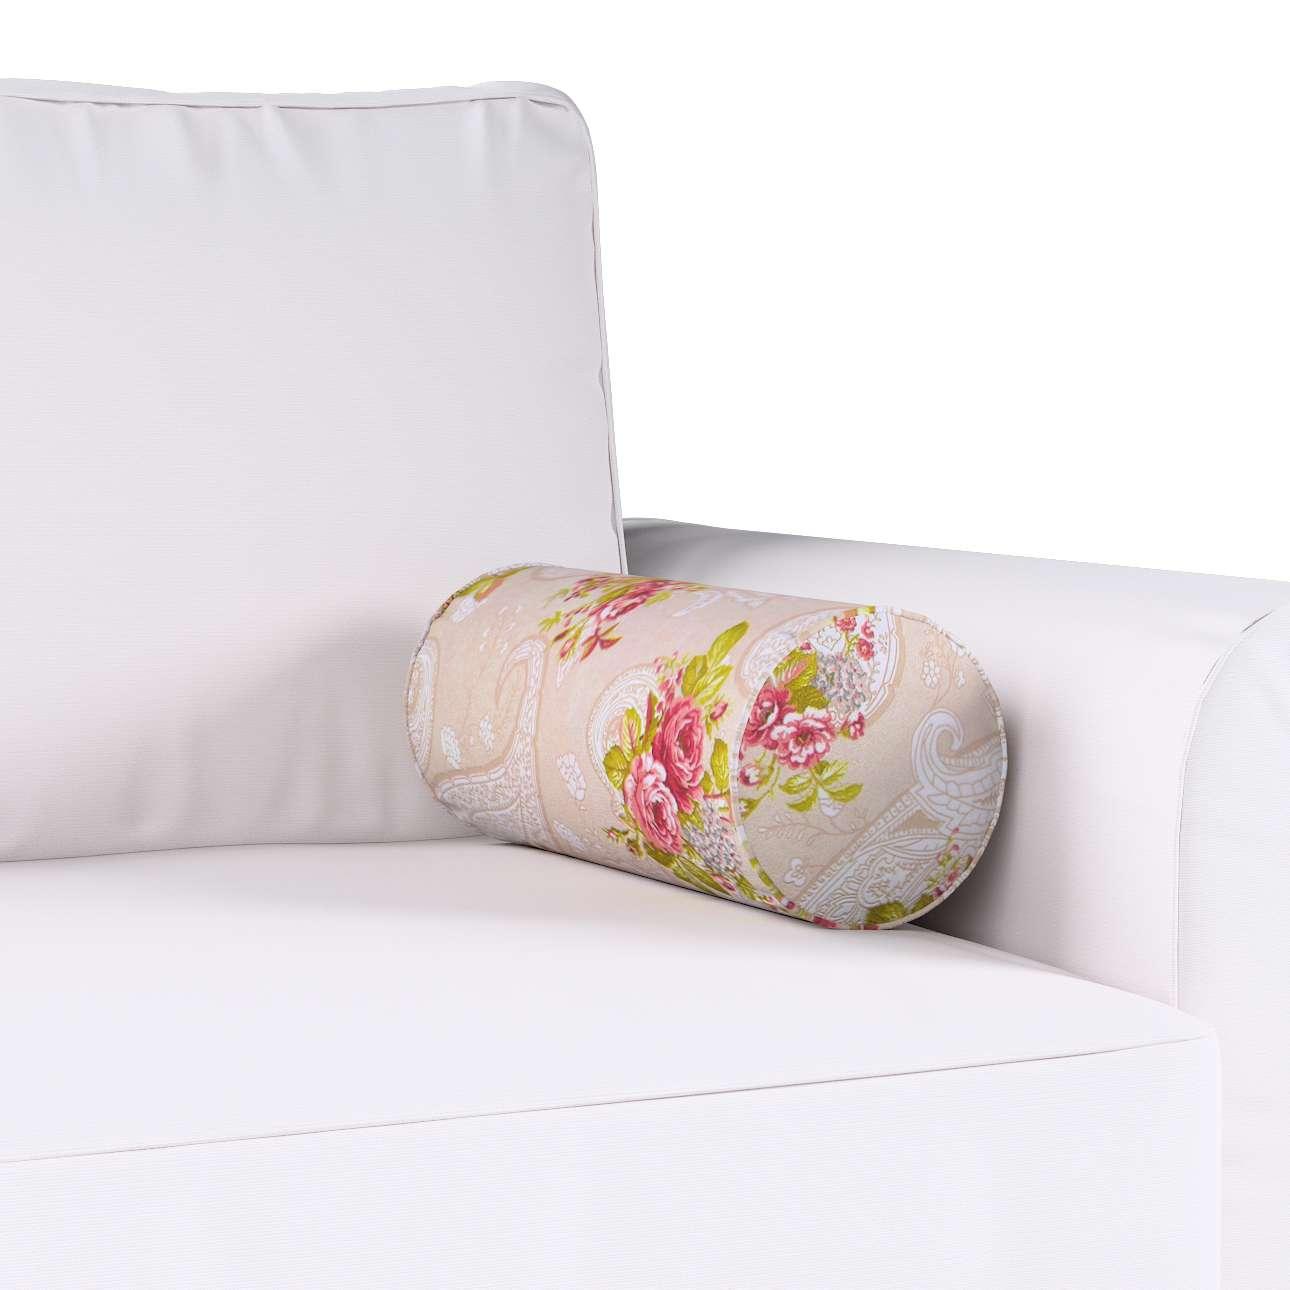 Poduszka wałek prosty Ø16x40cm w kolekcji Flowers, tkanina: 311-15